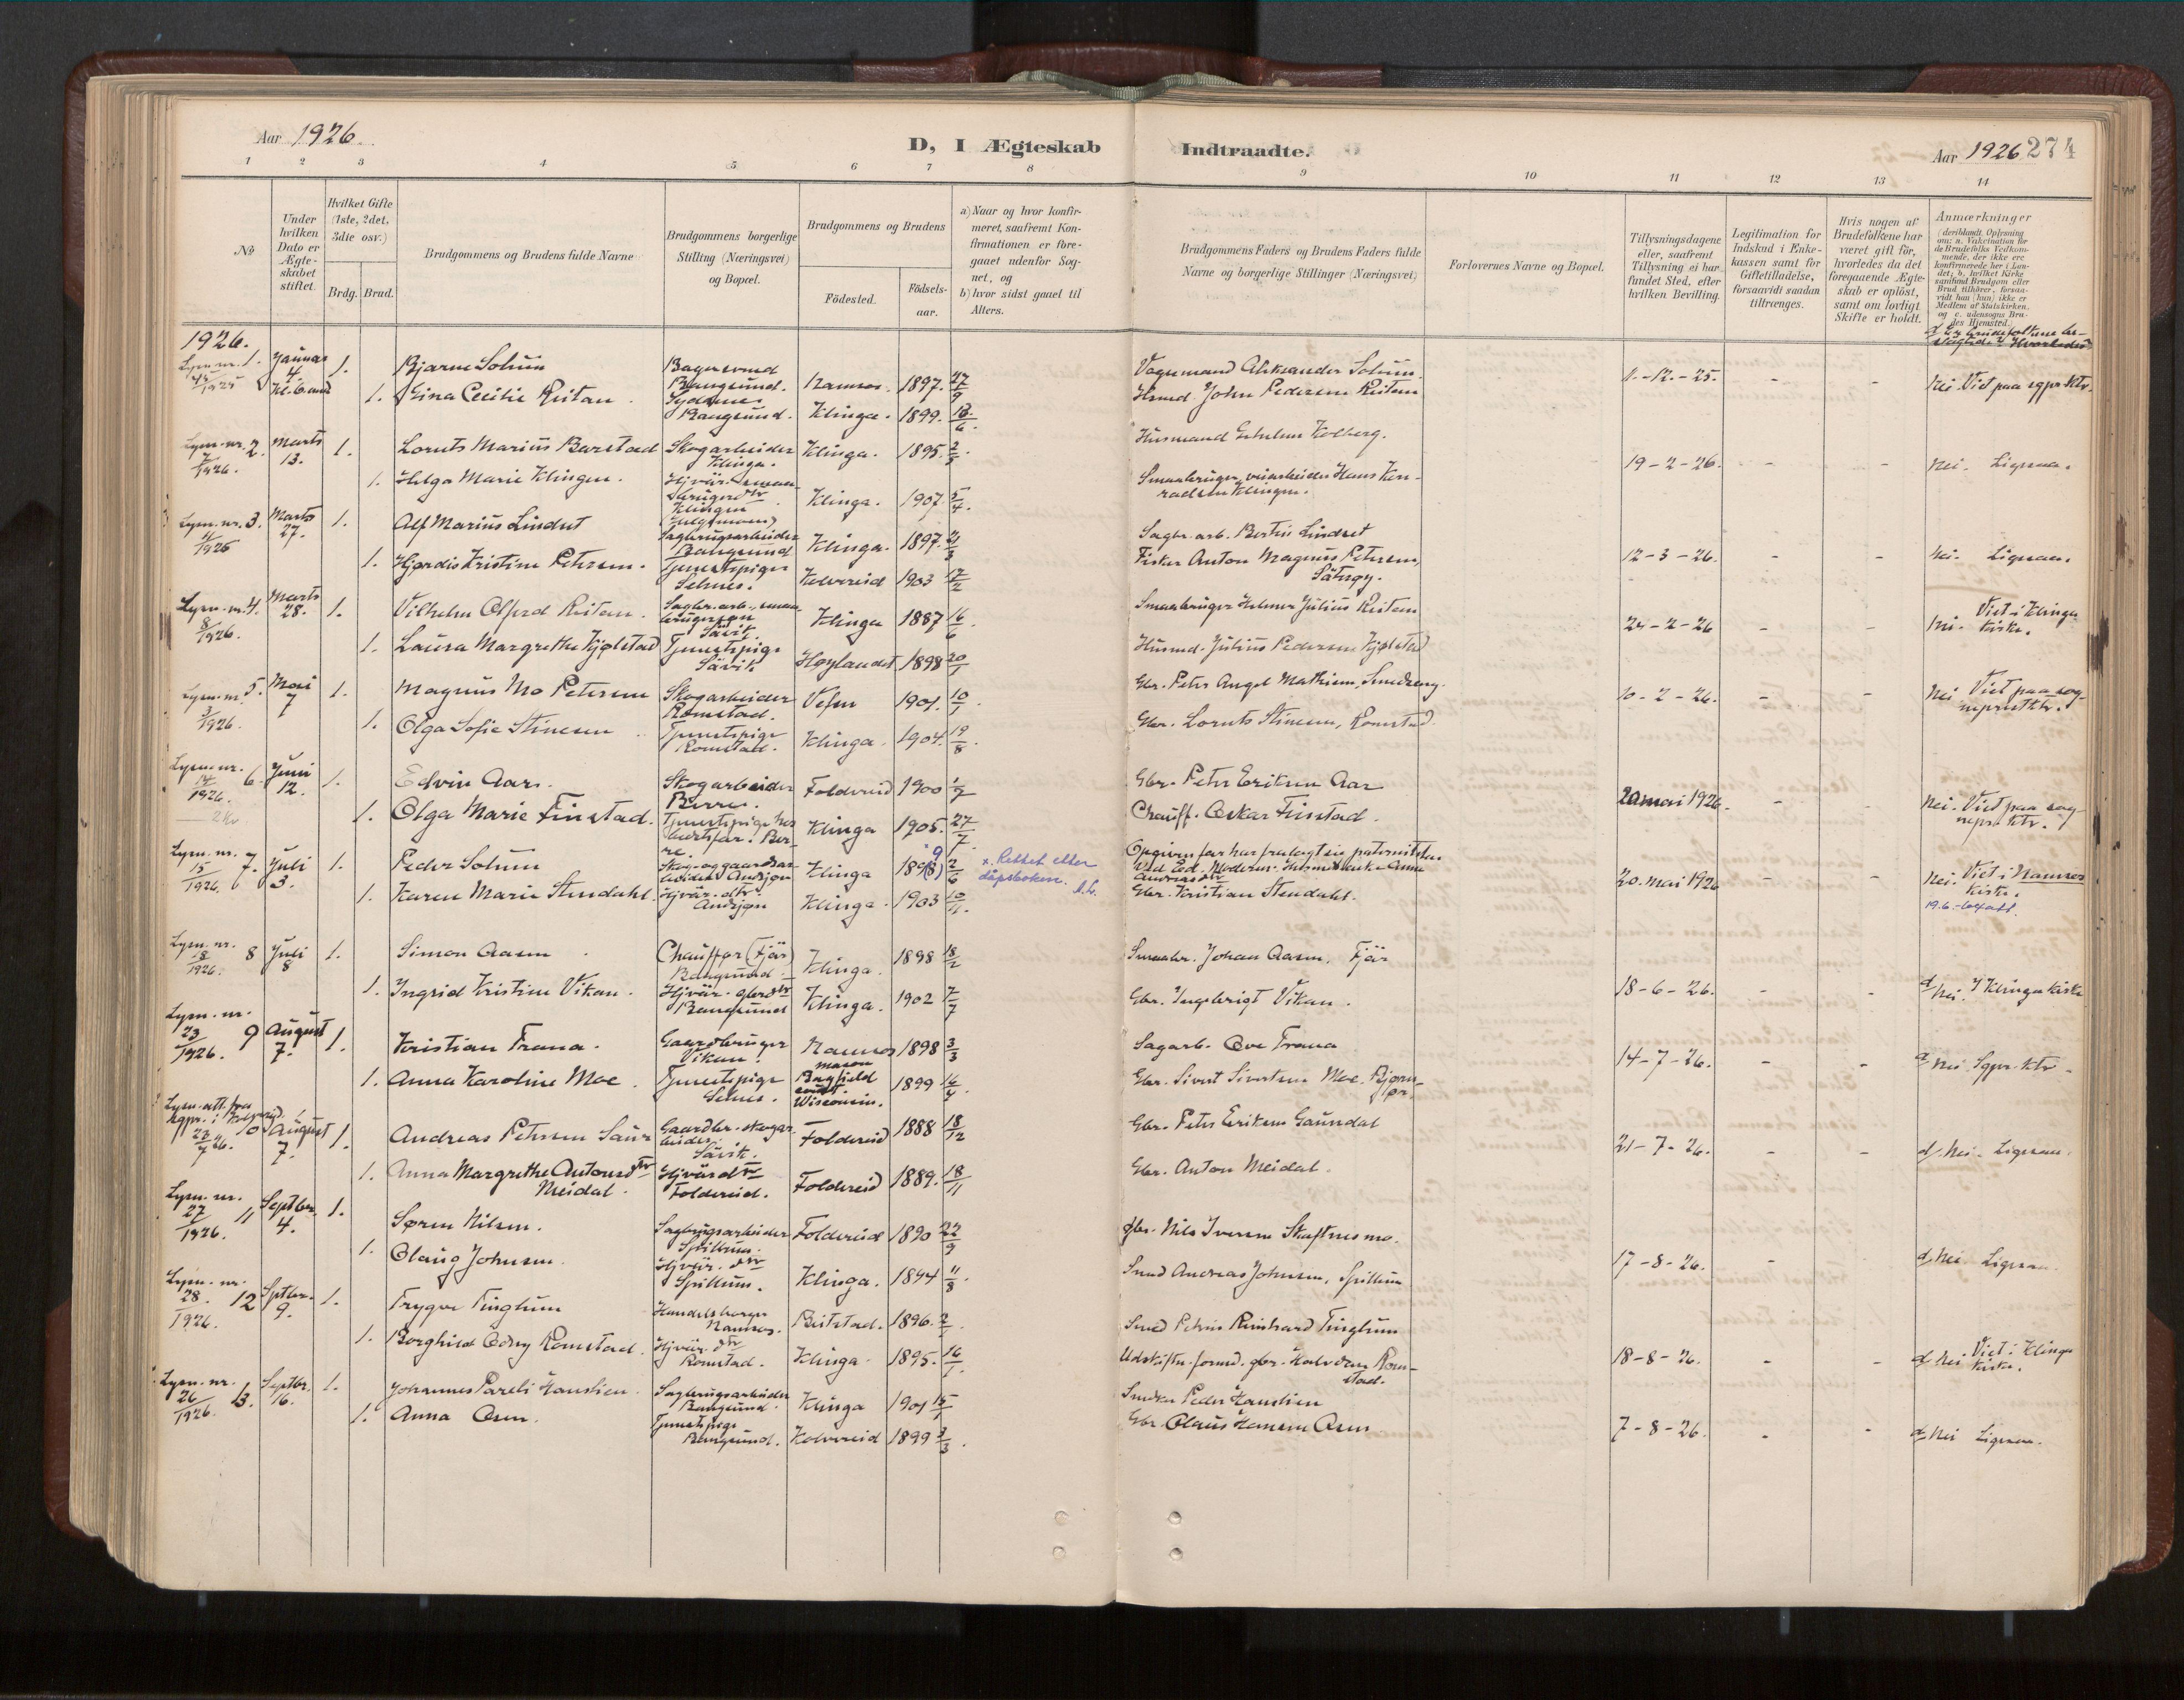 SAT, Ministerialprotokoller, klokkerbøker og fødselsregistre - Nord-Trøndelag, 770/L0589: Ministerialbok nr. 770A03, 1887-1929, s. 274